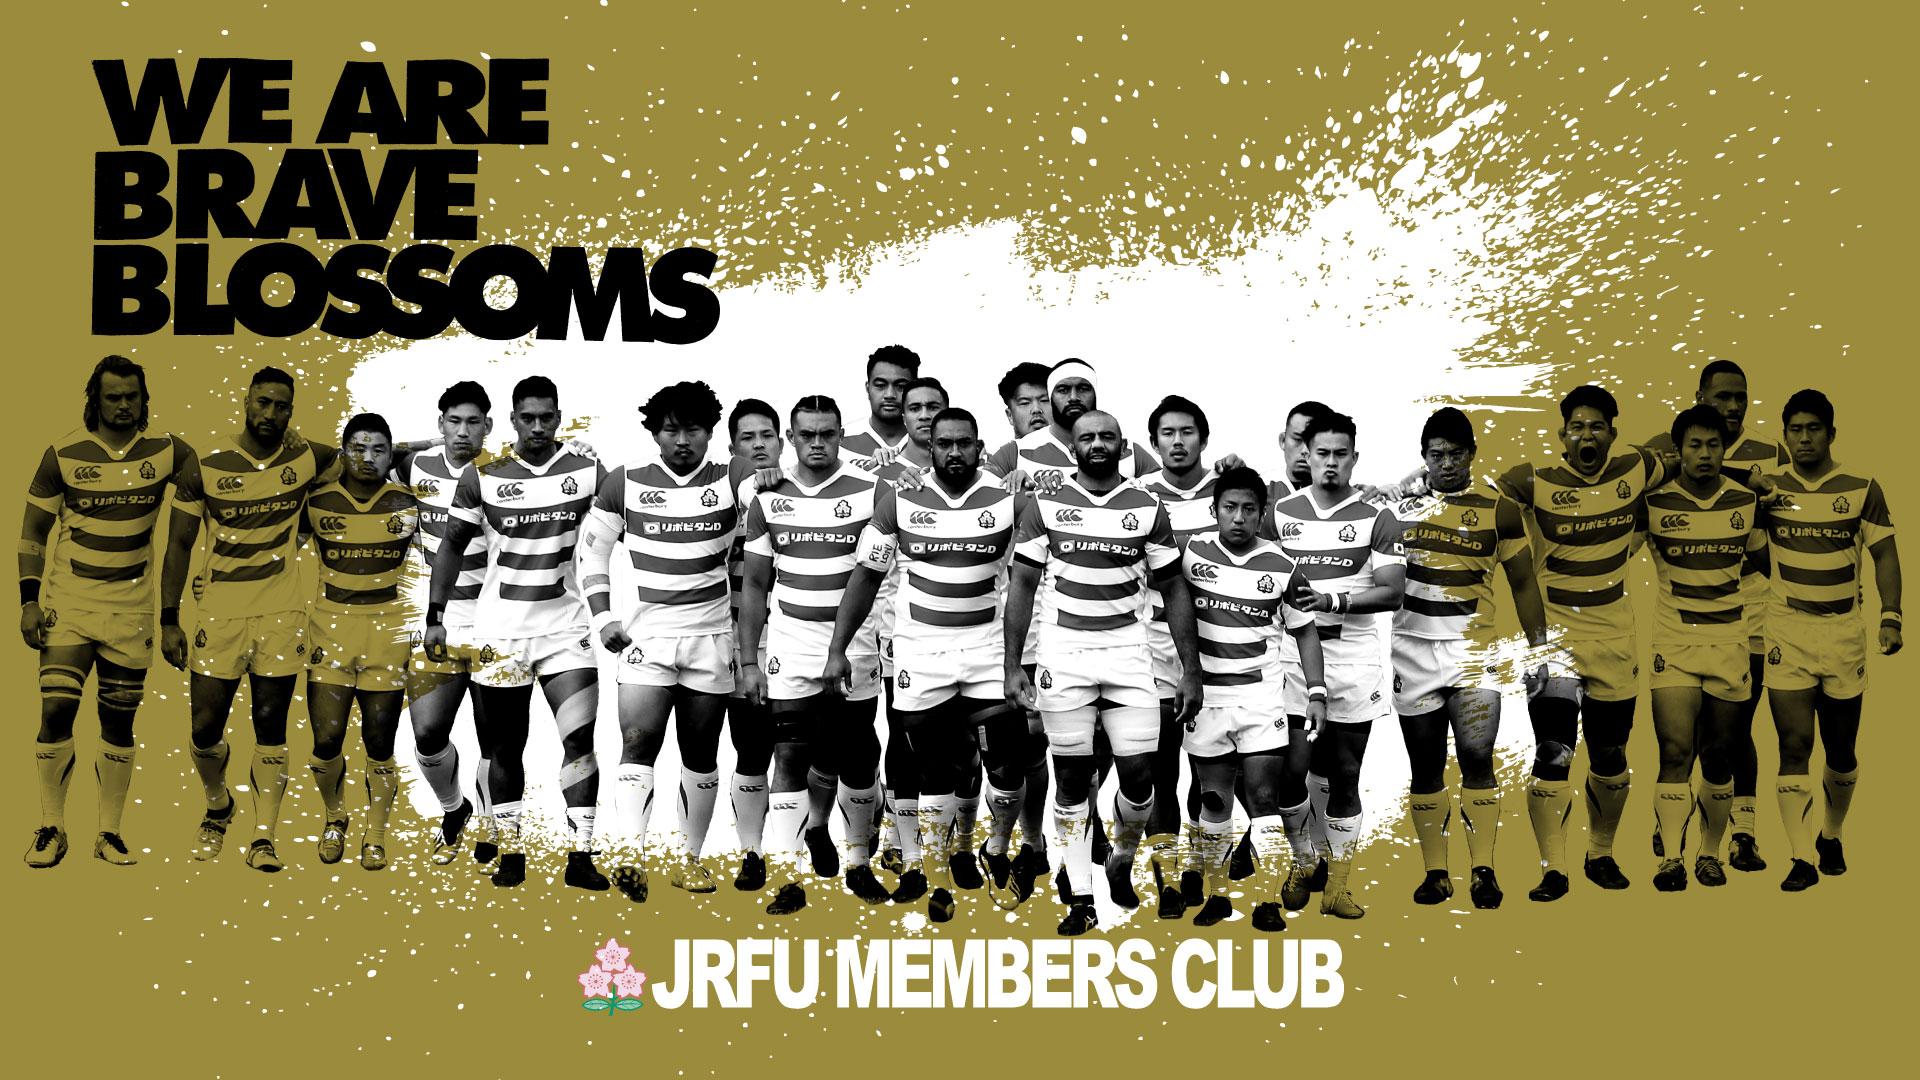 テレワーク Web会議用の壁紙を作成しました お知らせ 日本ラグビー協会メンバーズクラブサイト